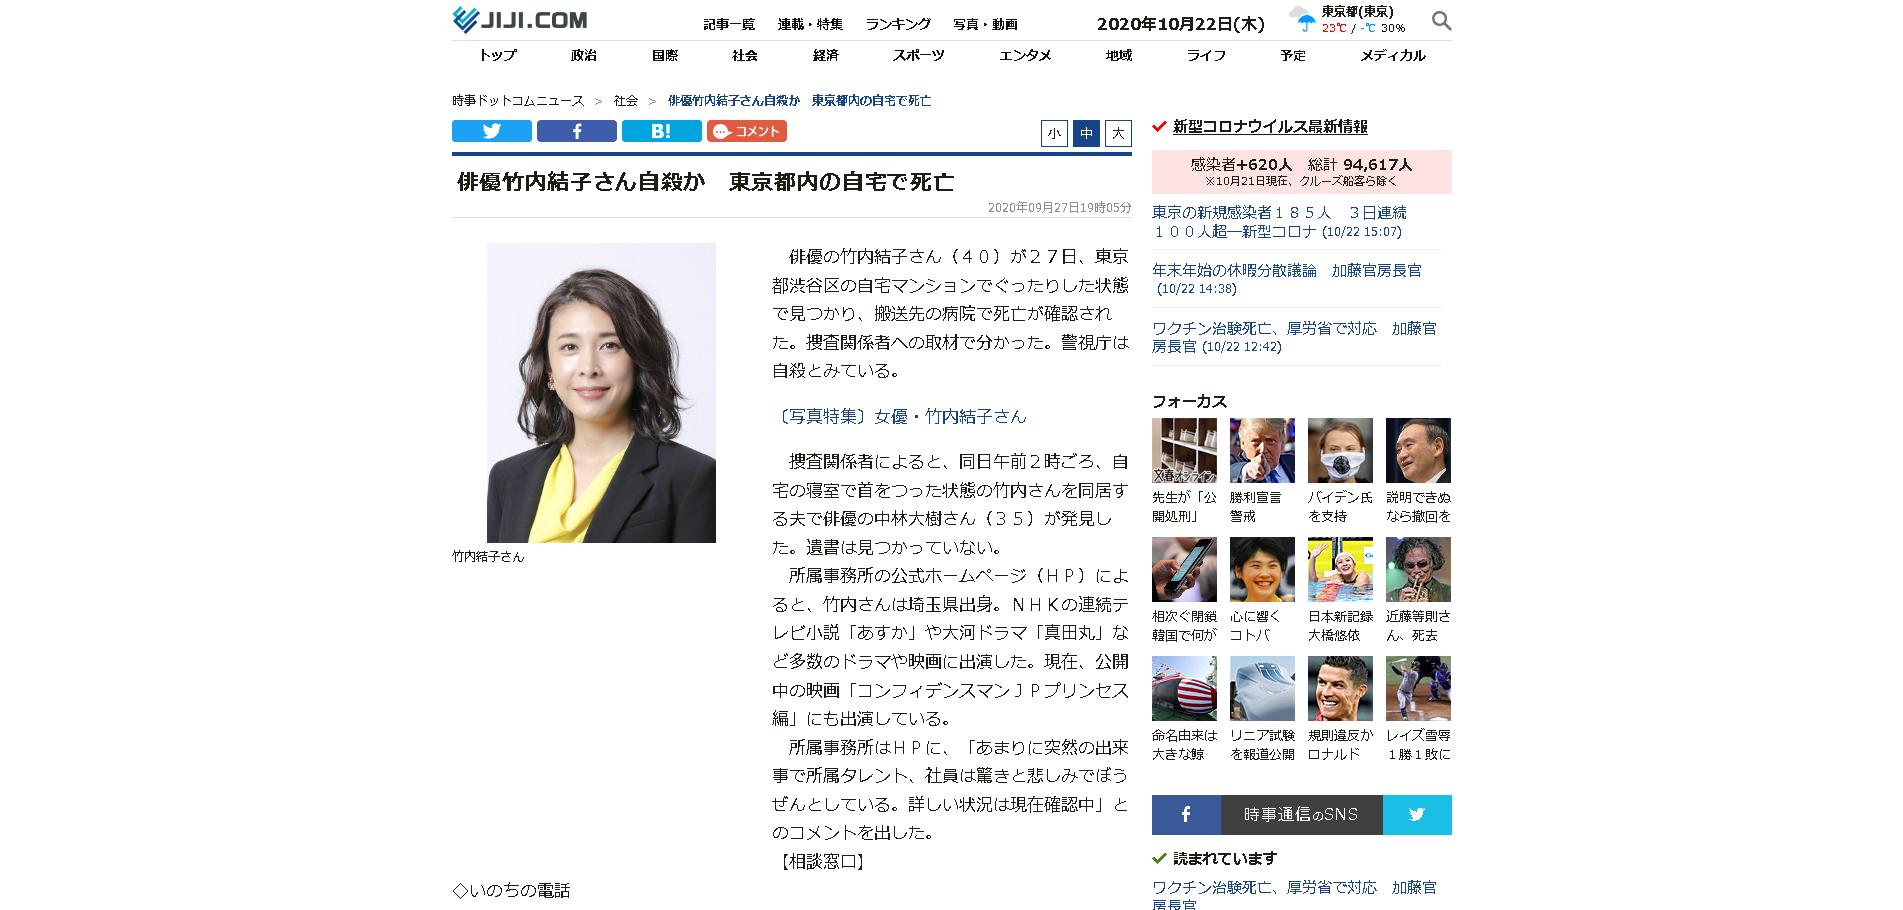 竹内結子さんに関する時事通信の報道